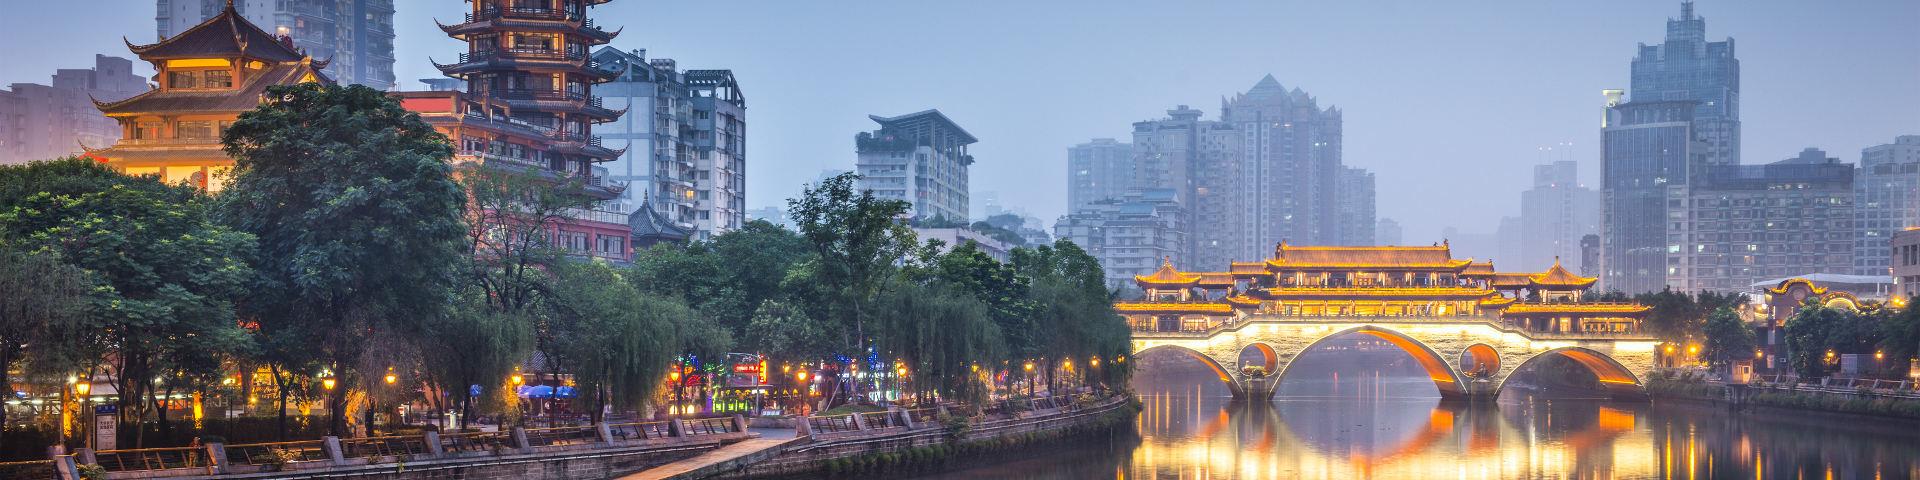 Chengdu hero banner